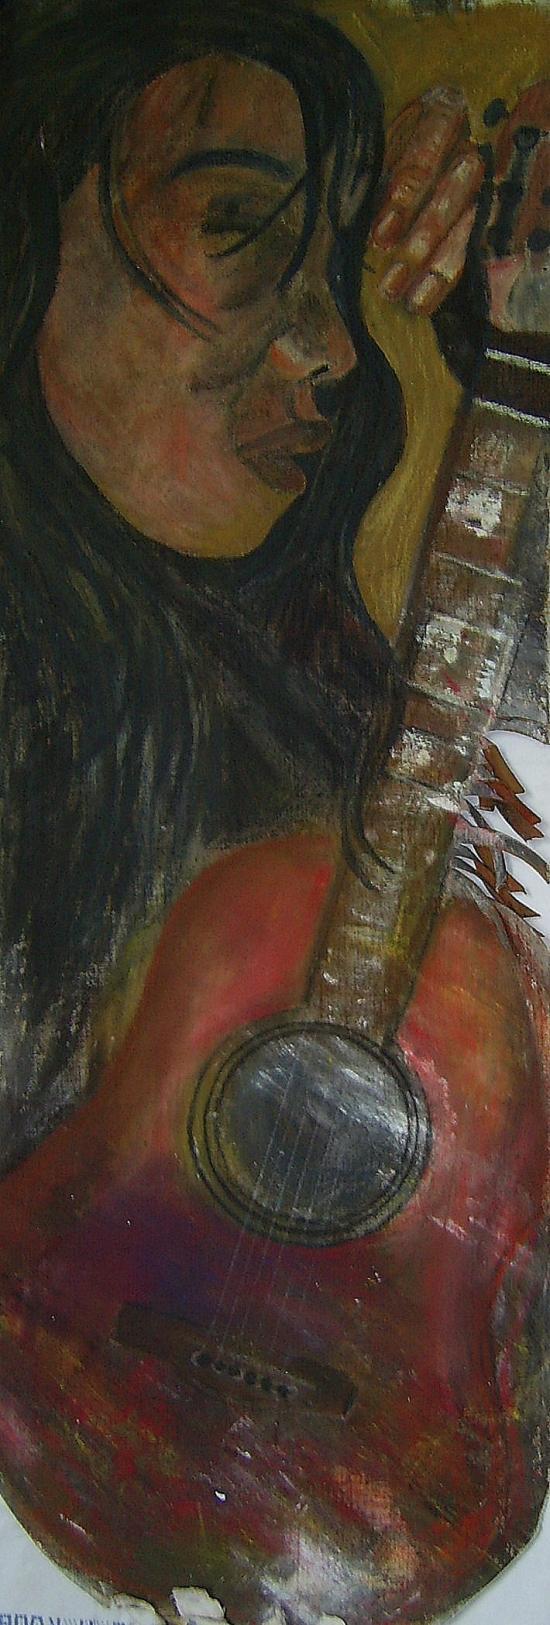 La femme et sa guitare